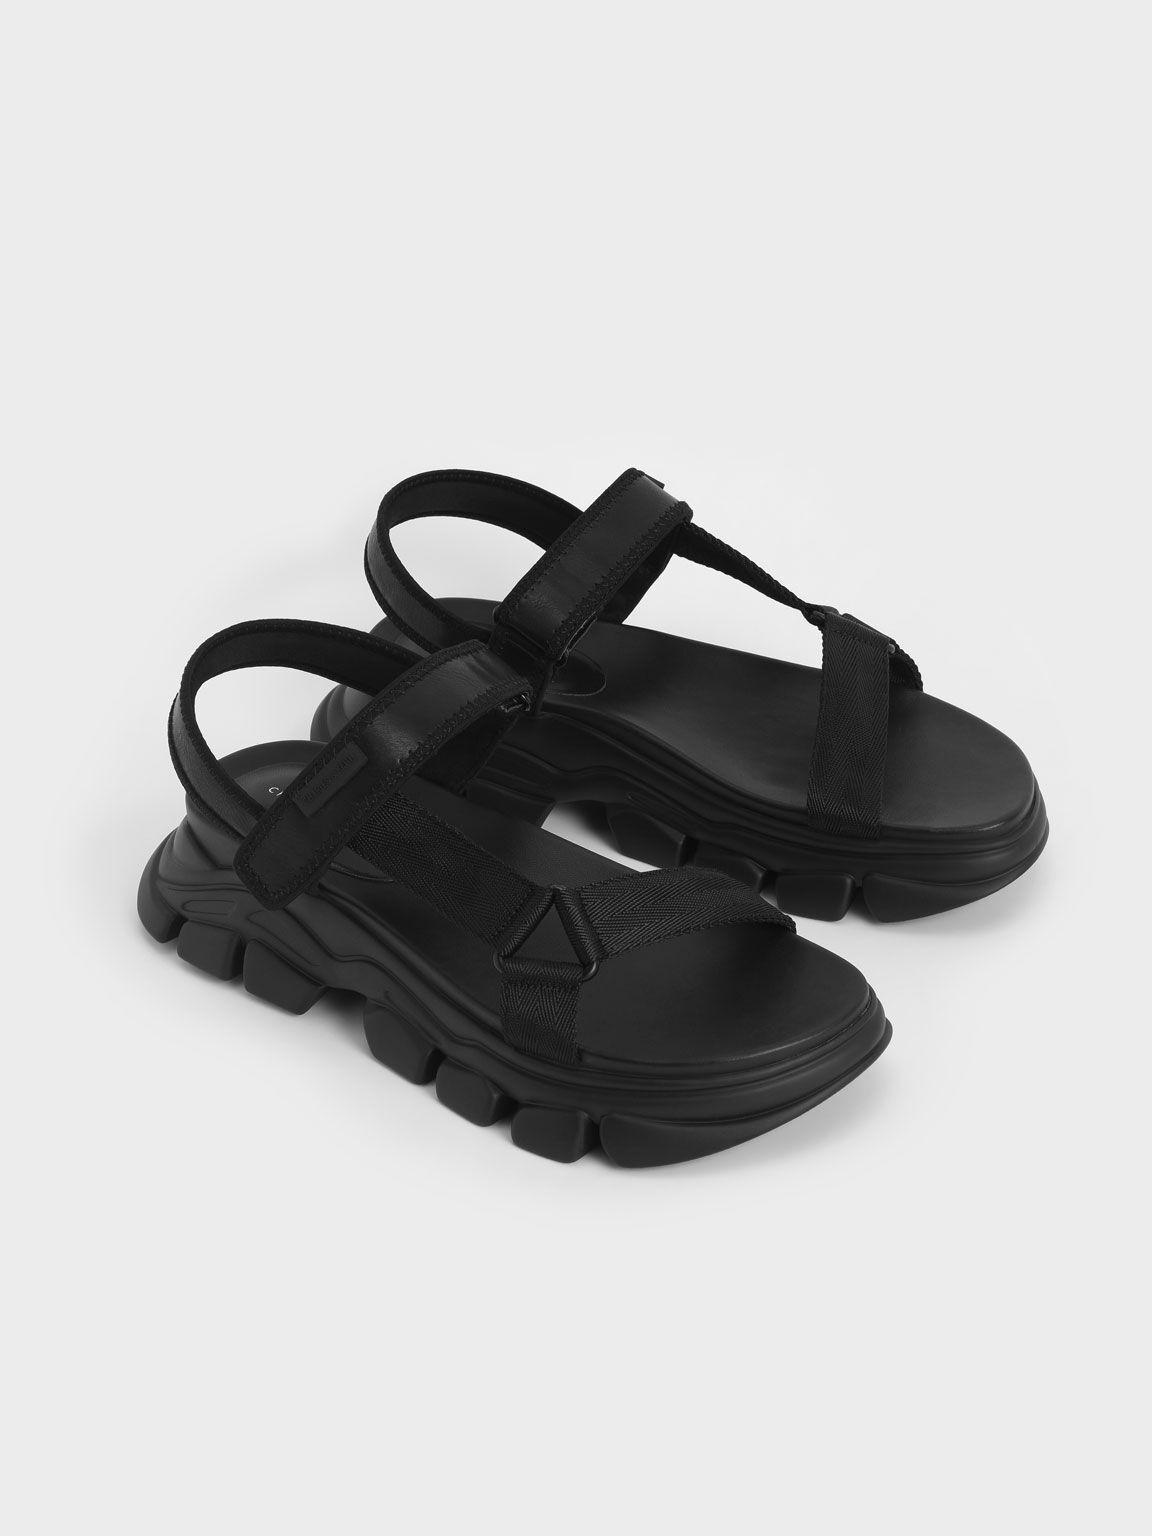 Dash厚底涼鞋, 黑色, hi-res